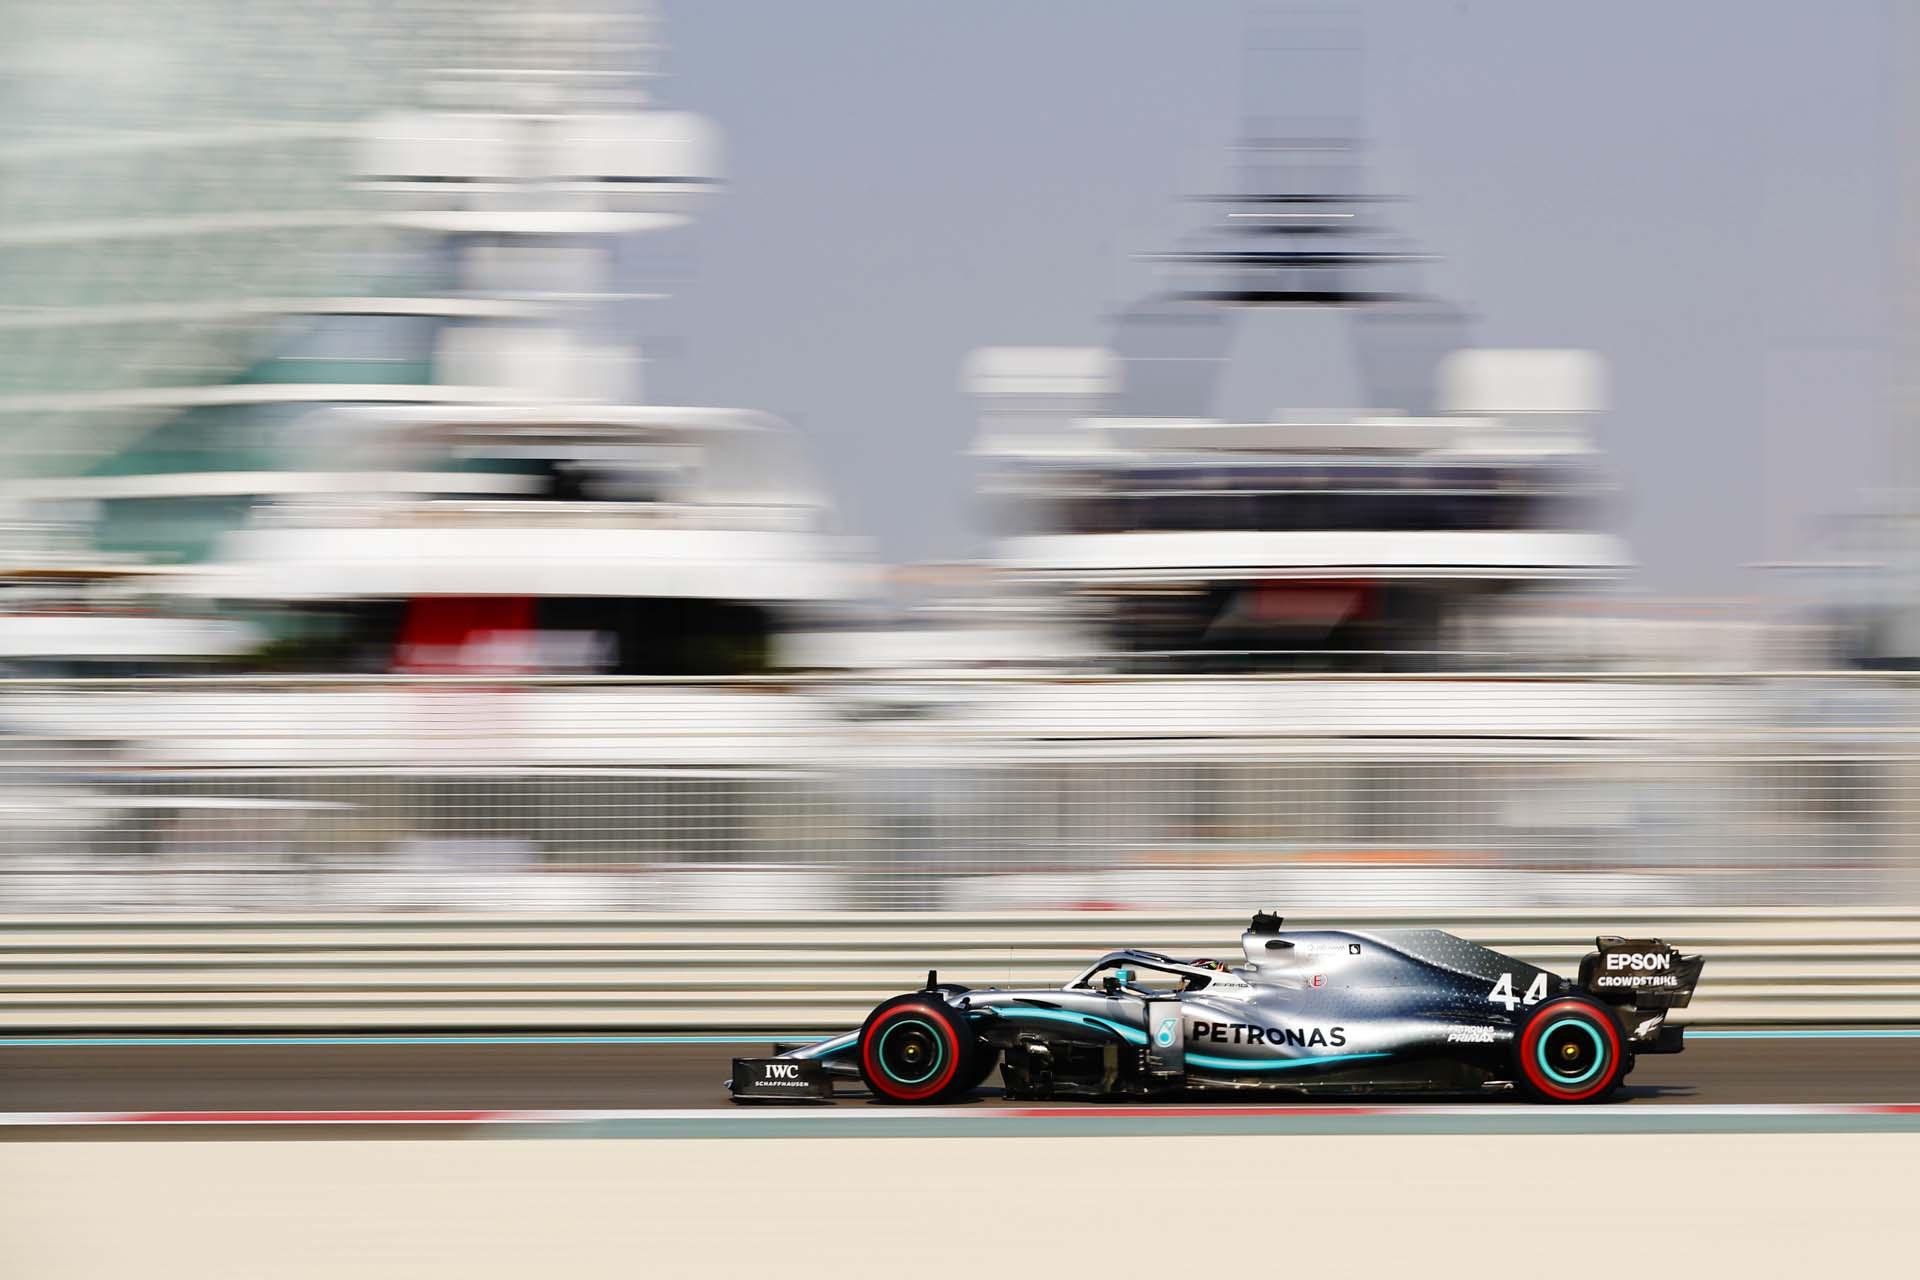 2019 Abu Dhabi Grand Prix, Saturday - LAT Images